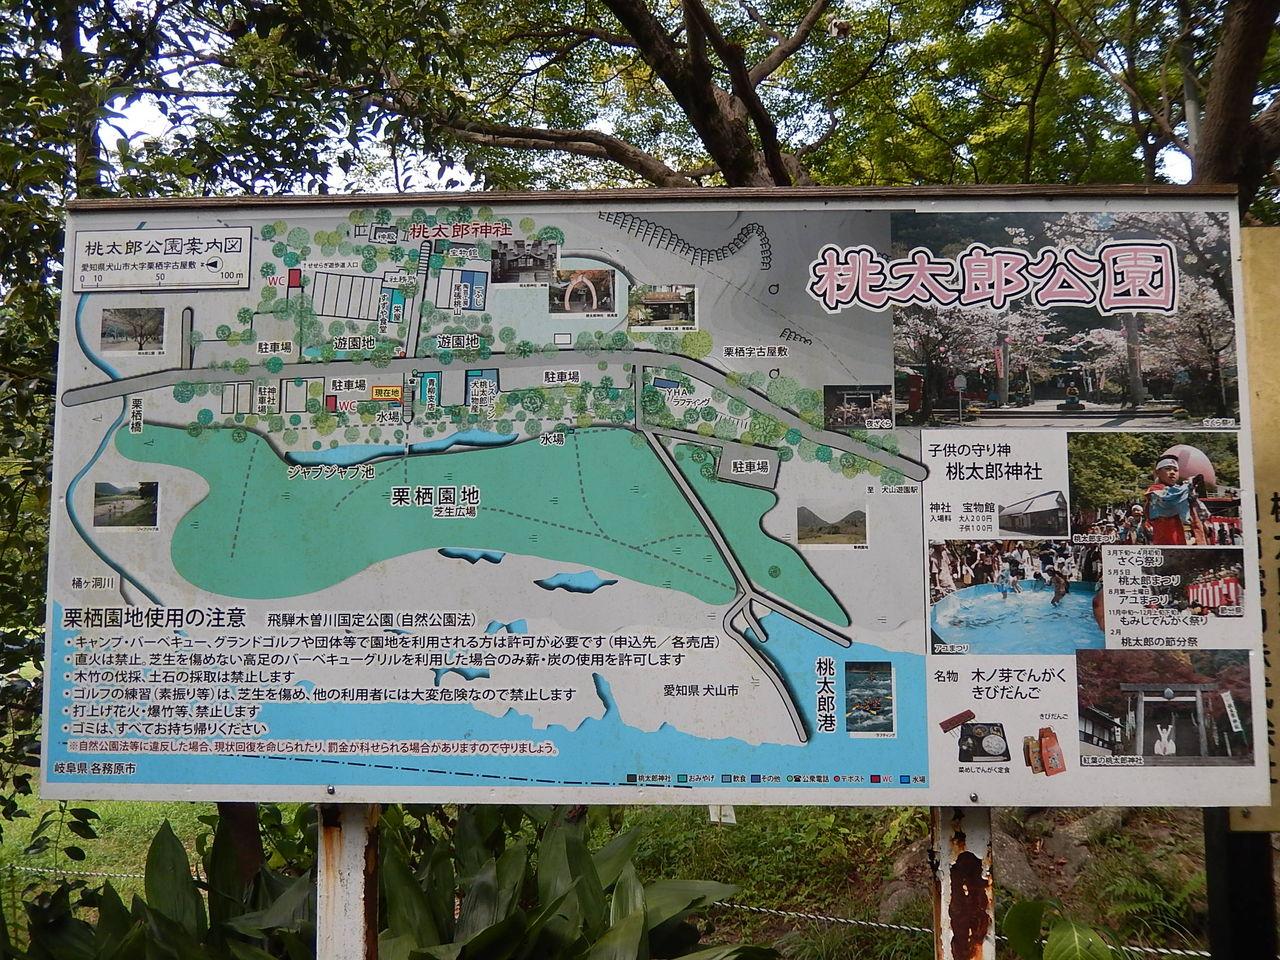 犬山市の木曽川沿いに桃太郎神社 : やつば池散歩道(豊田市 ...